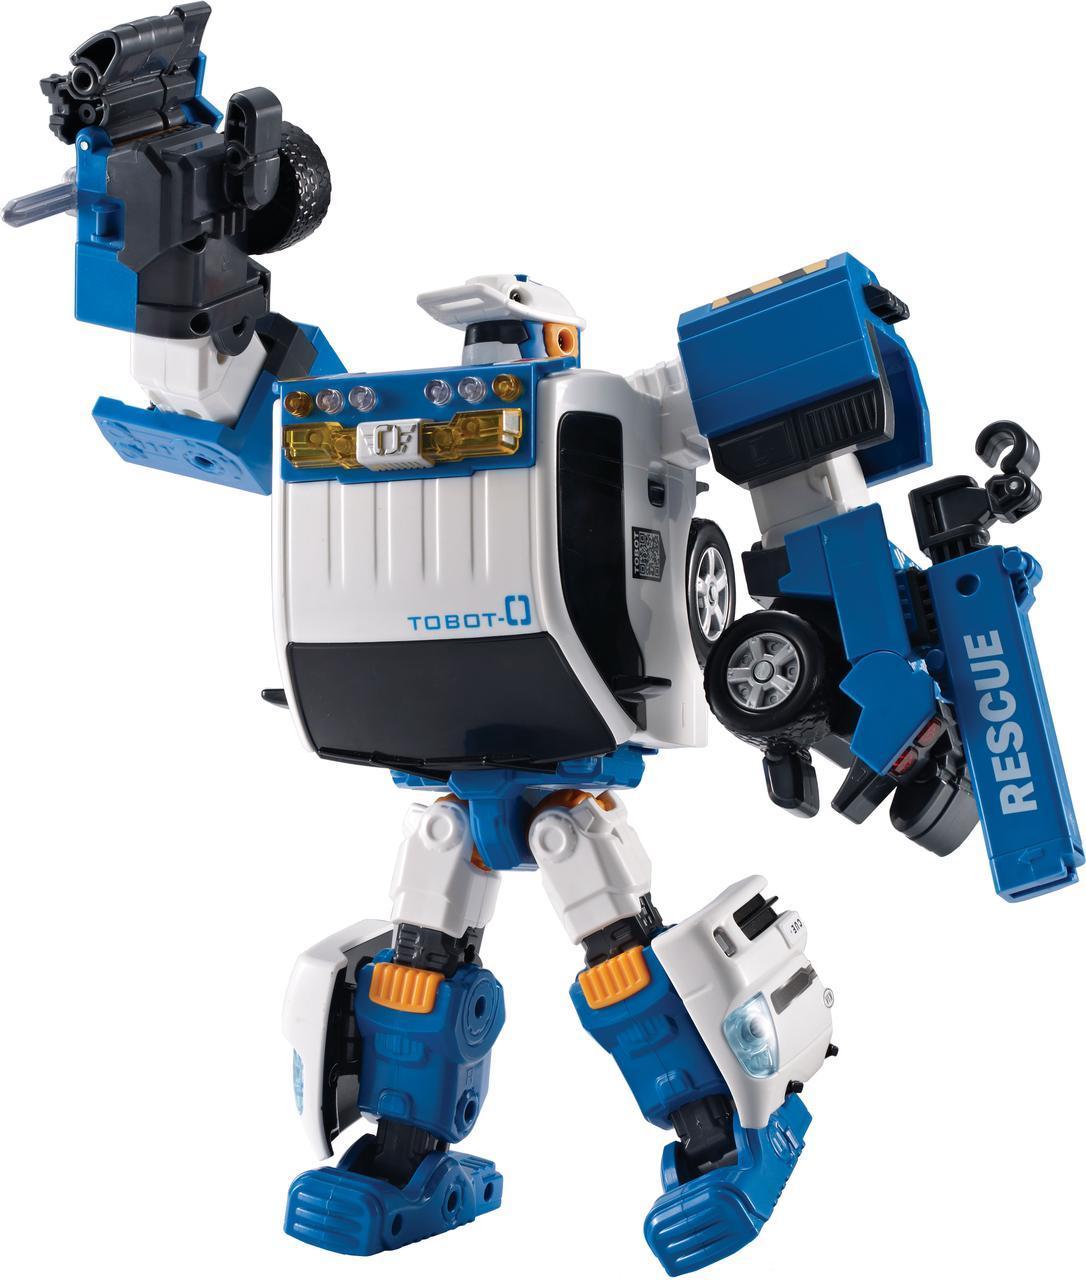 Трансформер Tobot S3 Тобот Zero (301018)